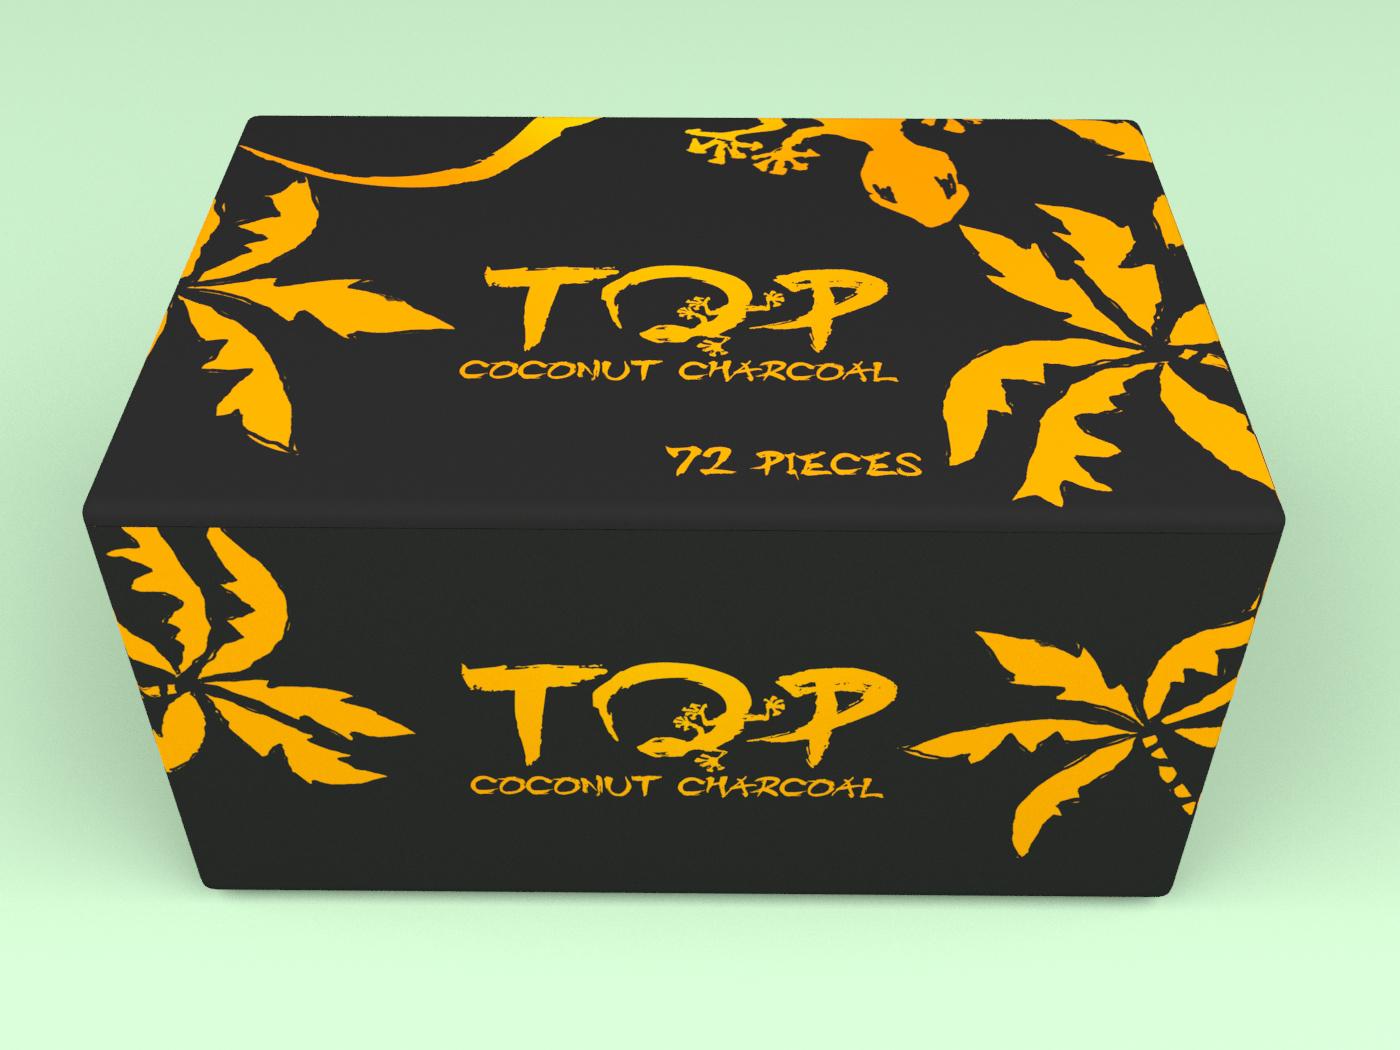 Разработка дизайна коробки, фирменного стиля, логотипа. фото f_6225c5fcdb4efcd5.jpg